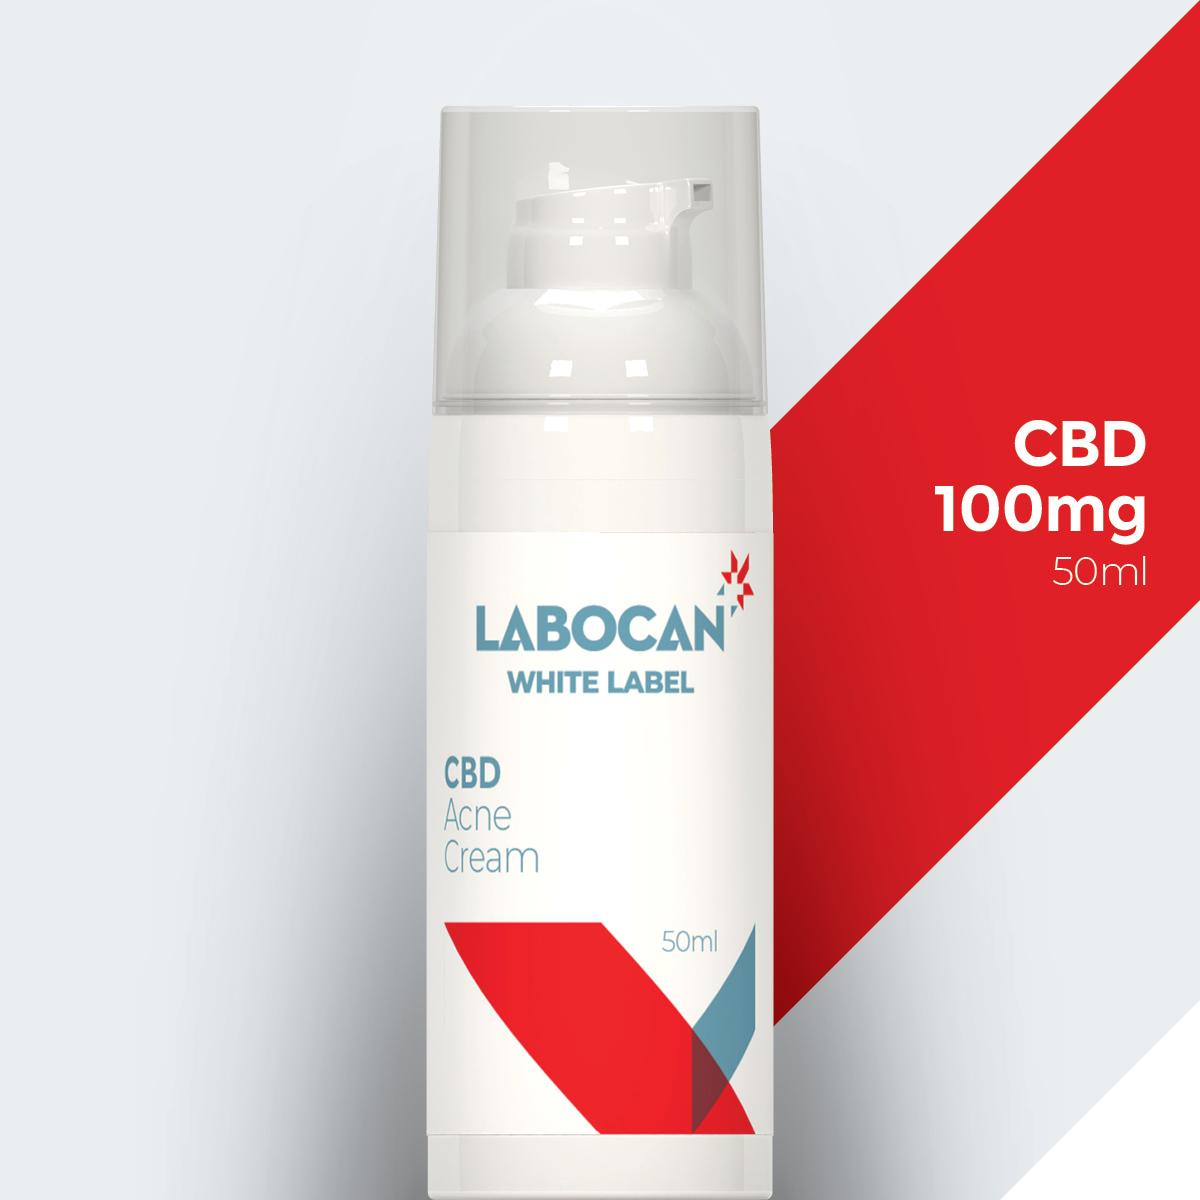 Labocan Crema para el acné con CBD de marca blanca